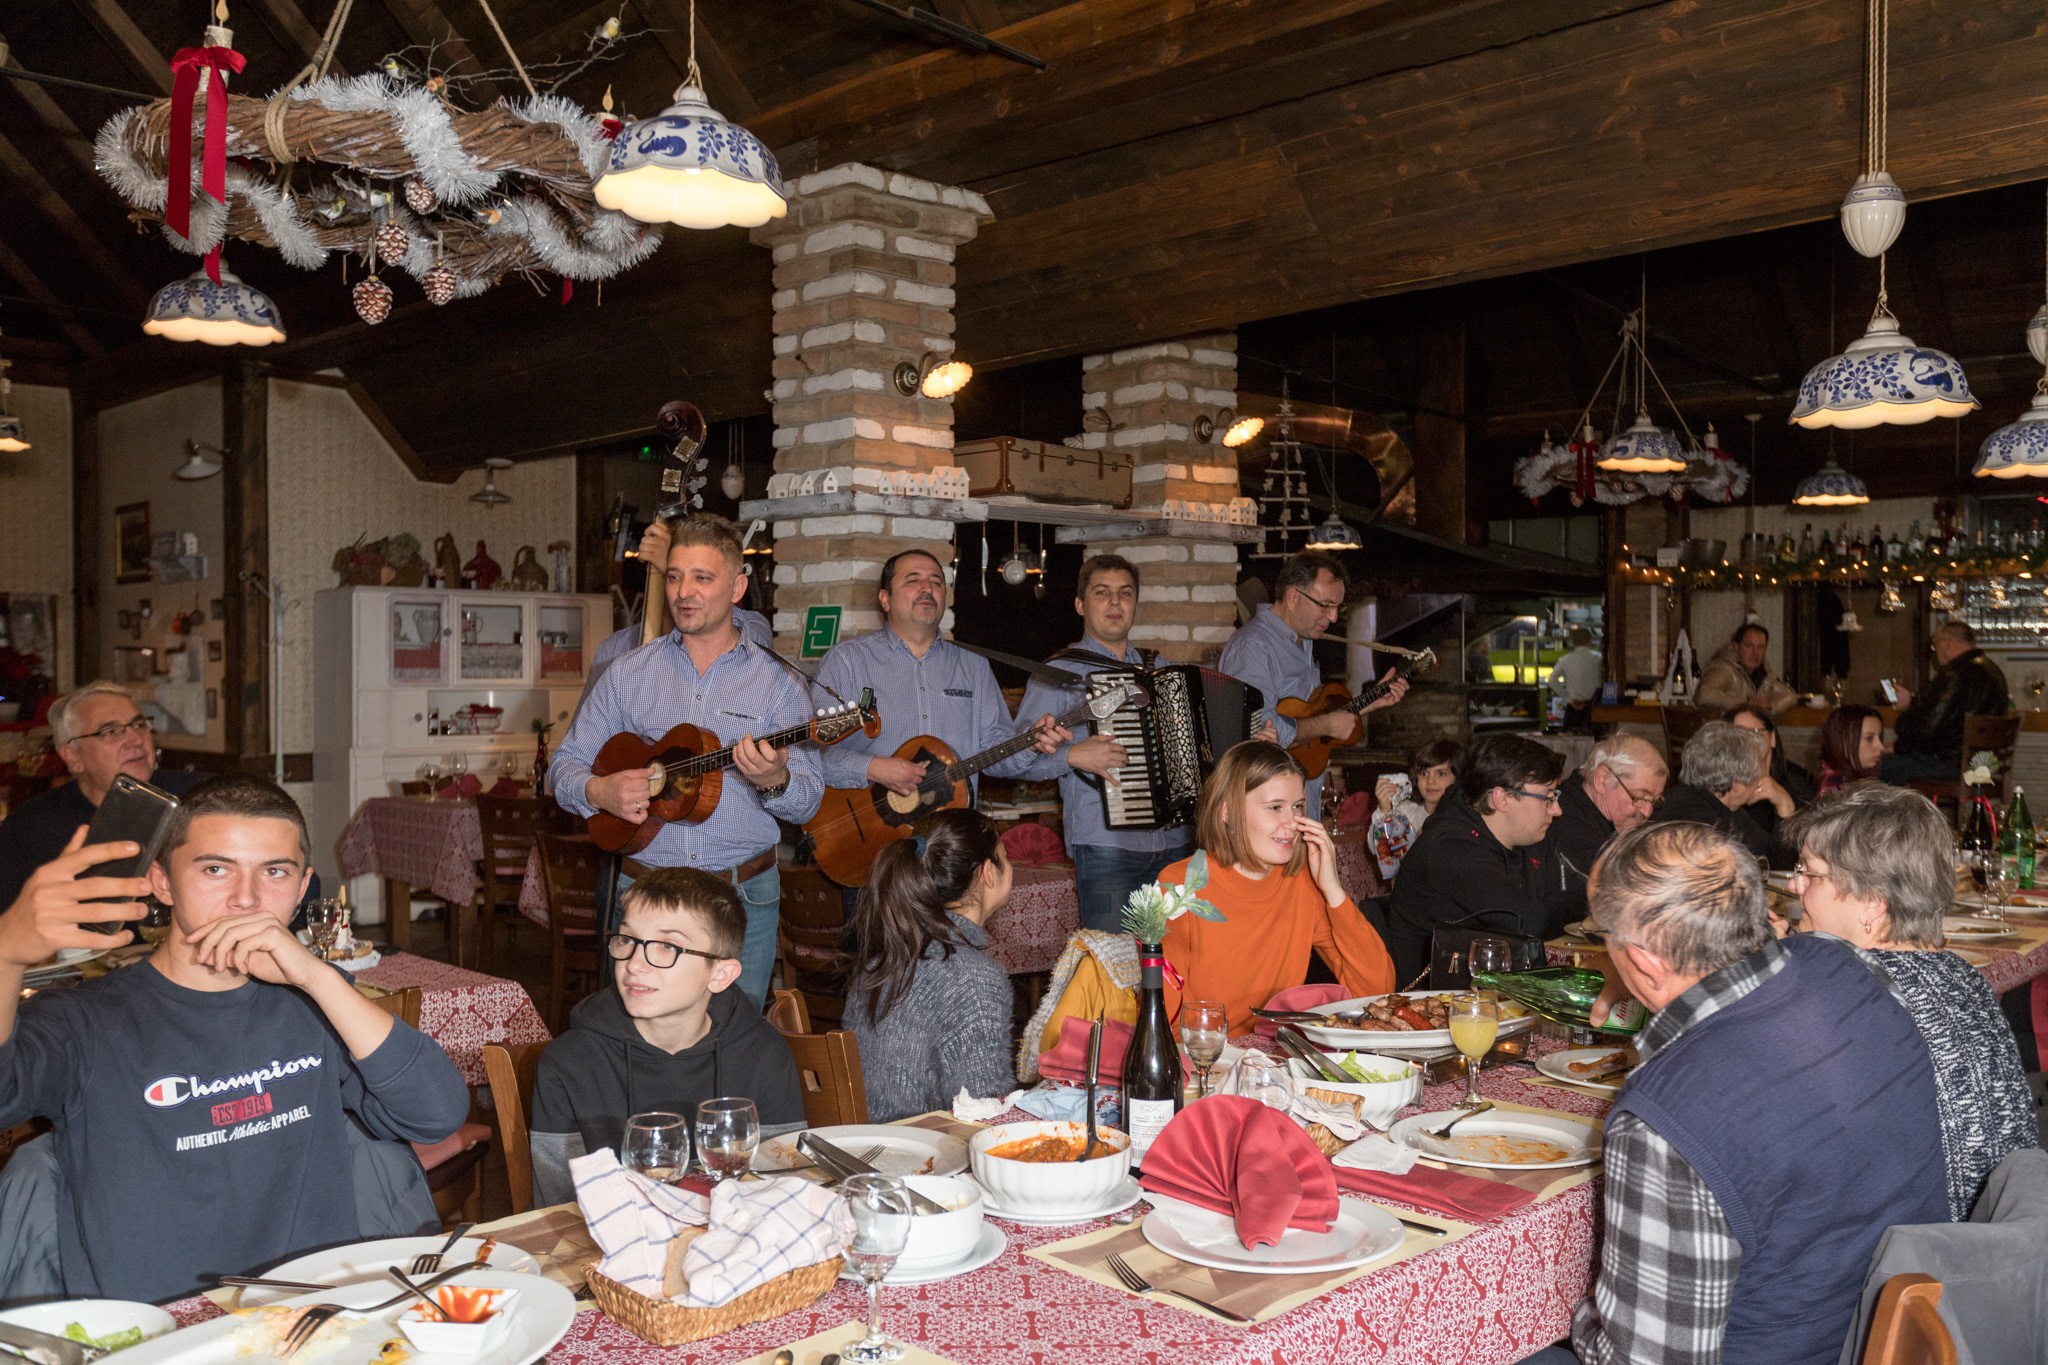 Sjajna priča iz Hrvatske! Baranjac razveselio udomljenu djecu i njihove udomitelje pa oduševio cijelu zemlju